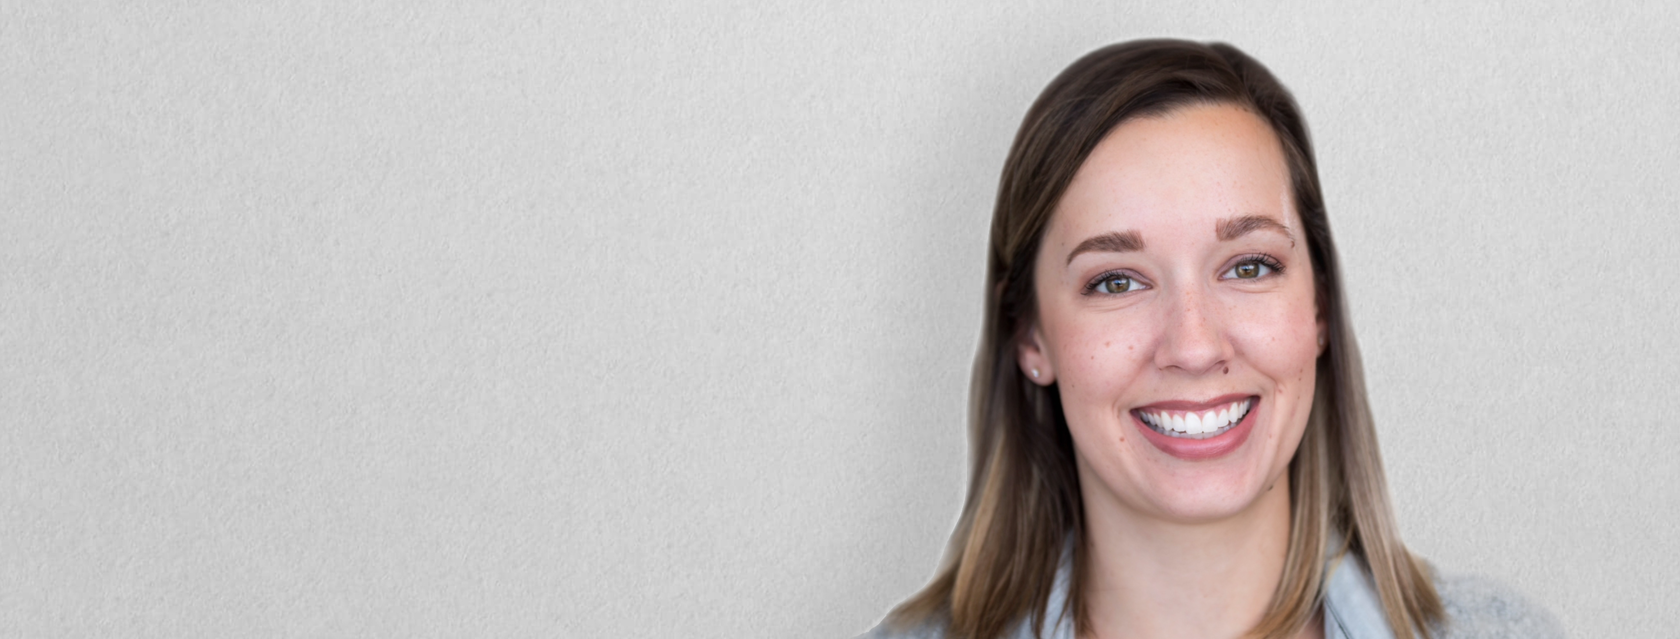 Kristiana Salmon est chef adjointe de l' Unité de recherche clinique (URC) où elle est responsable du programme de recherche sur la SLA